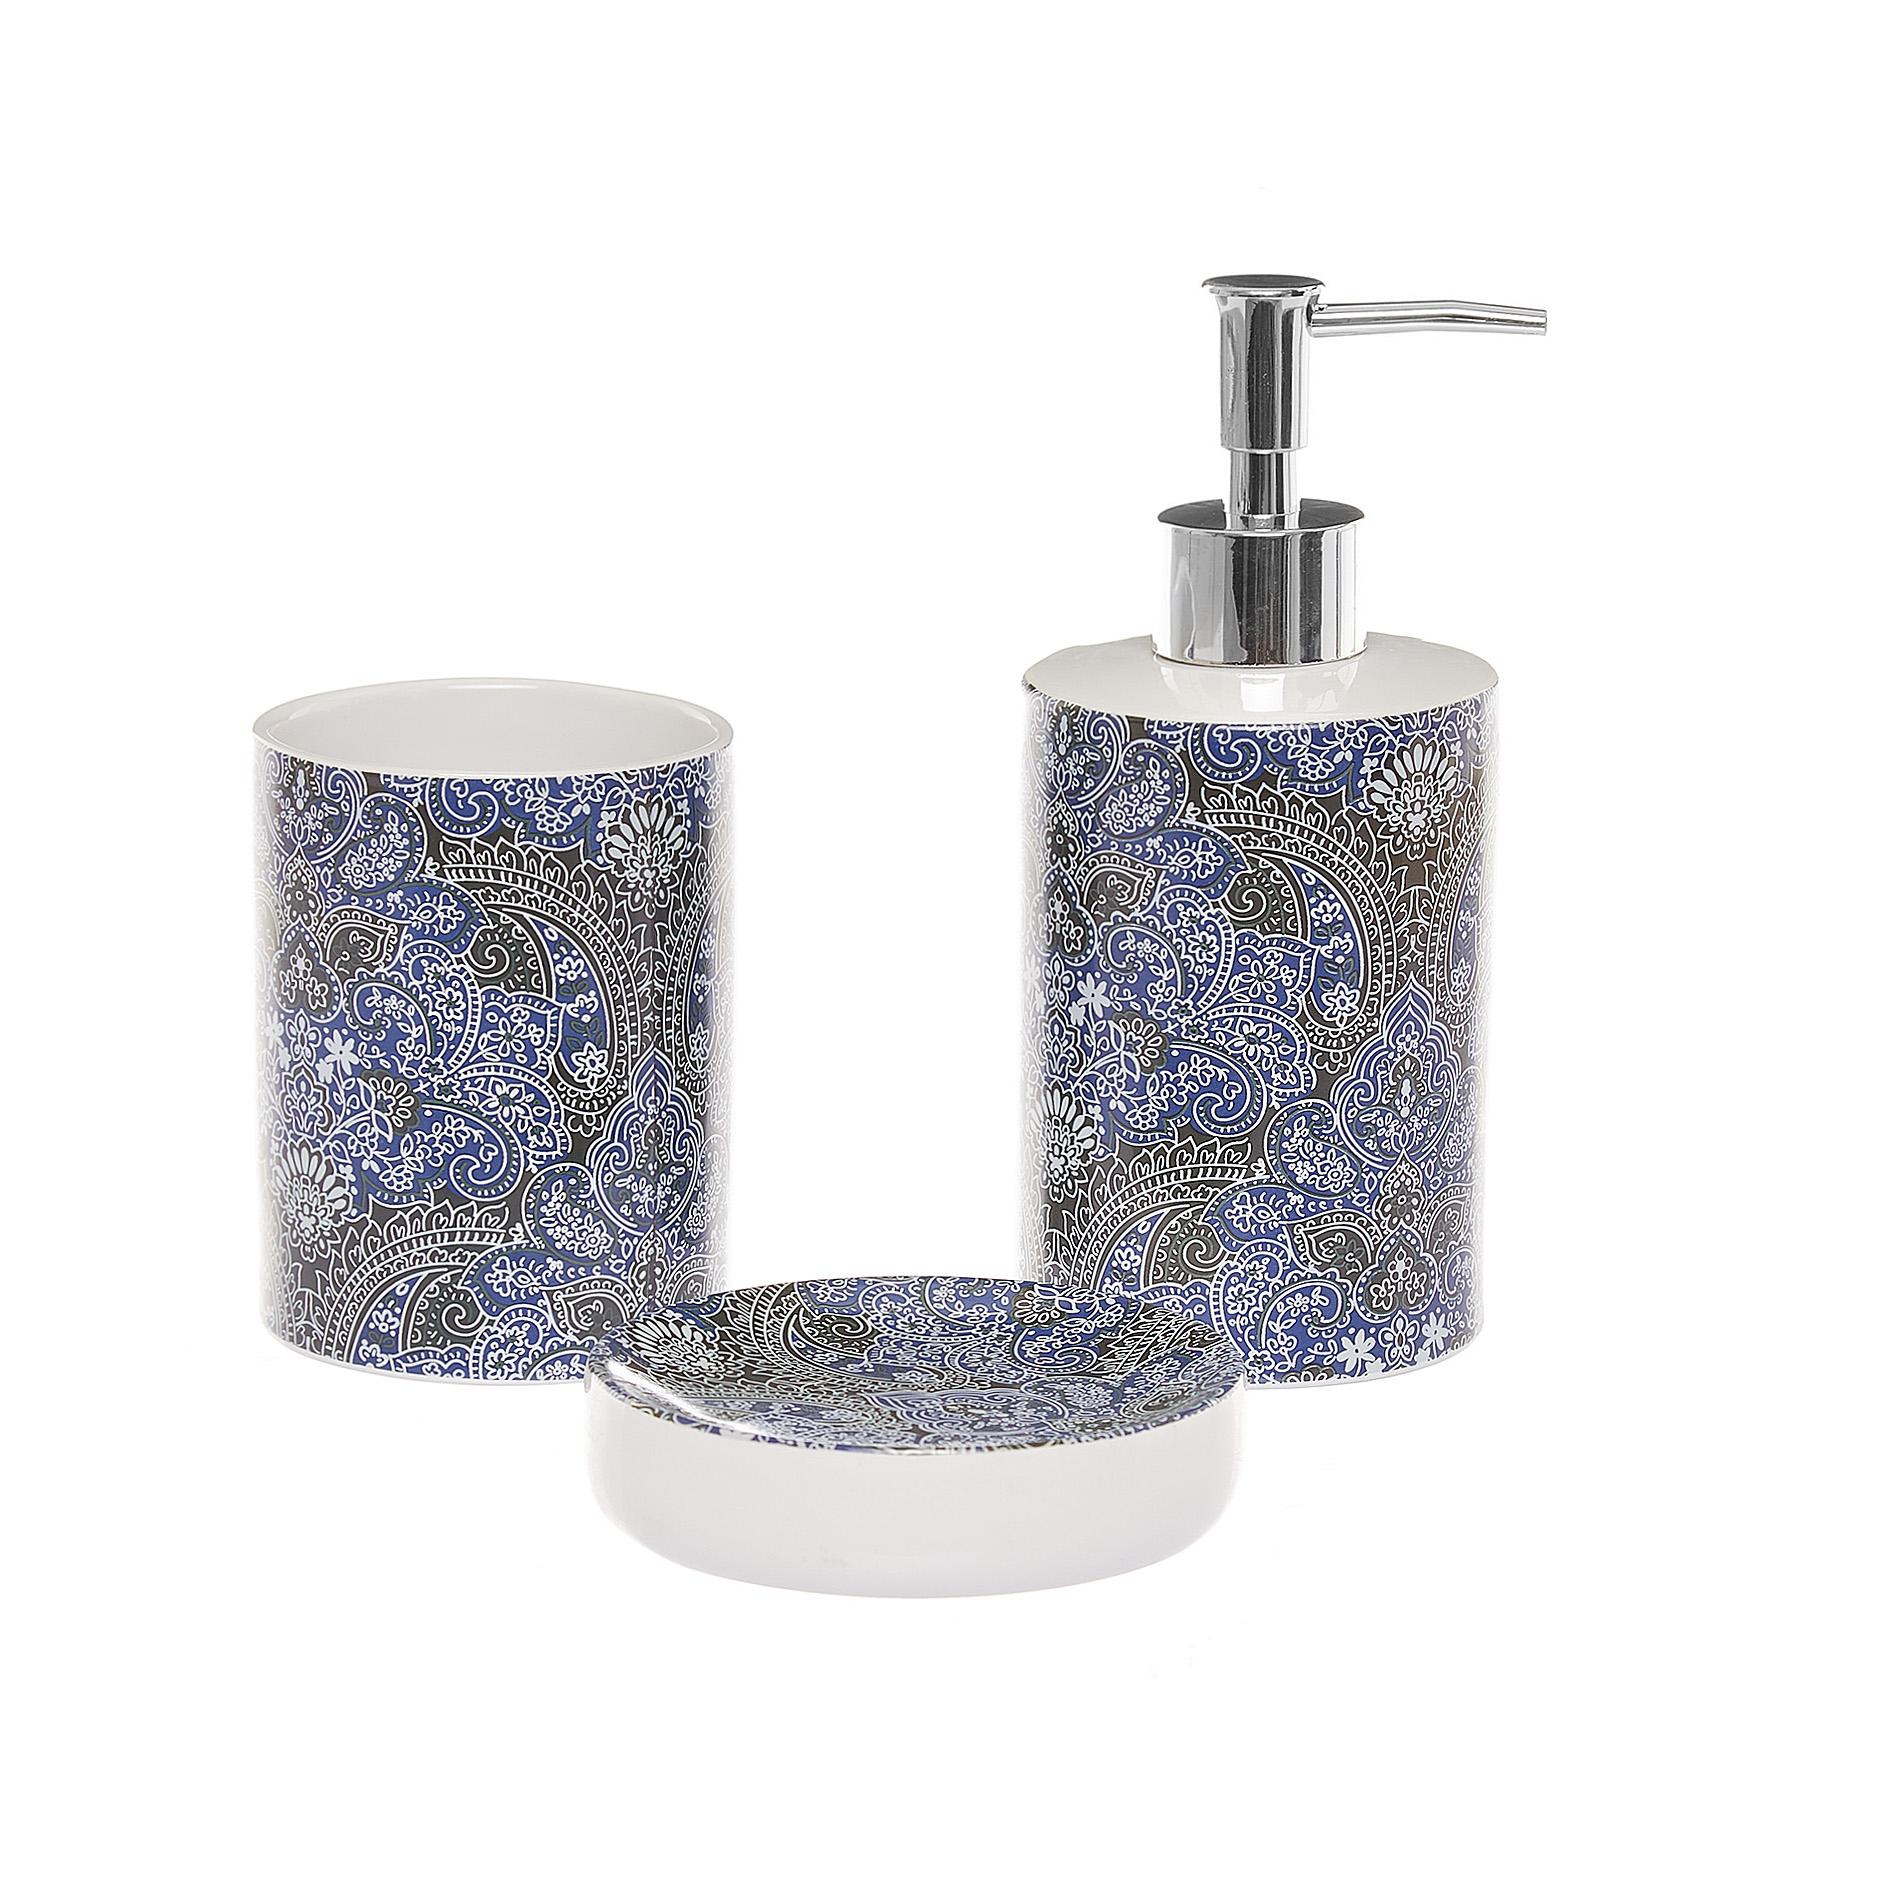 Accessori Per Bagno In Ceramica.Set 3 Accessori Bagno Ceramica Decorata Coincasa